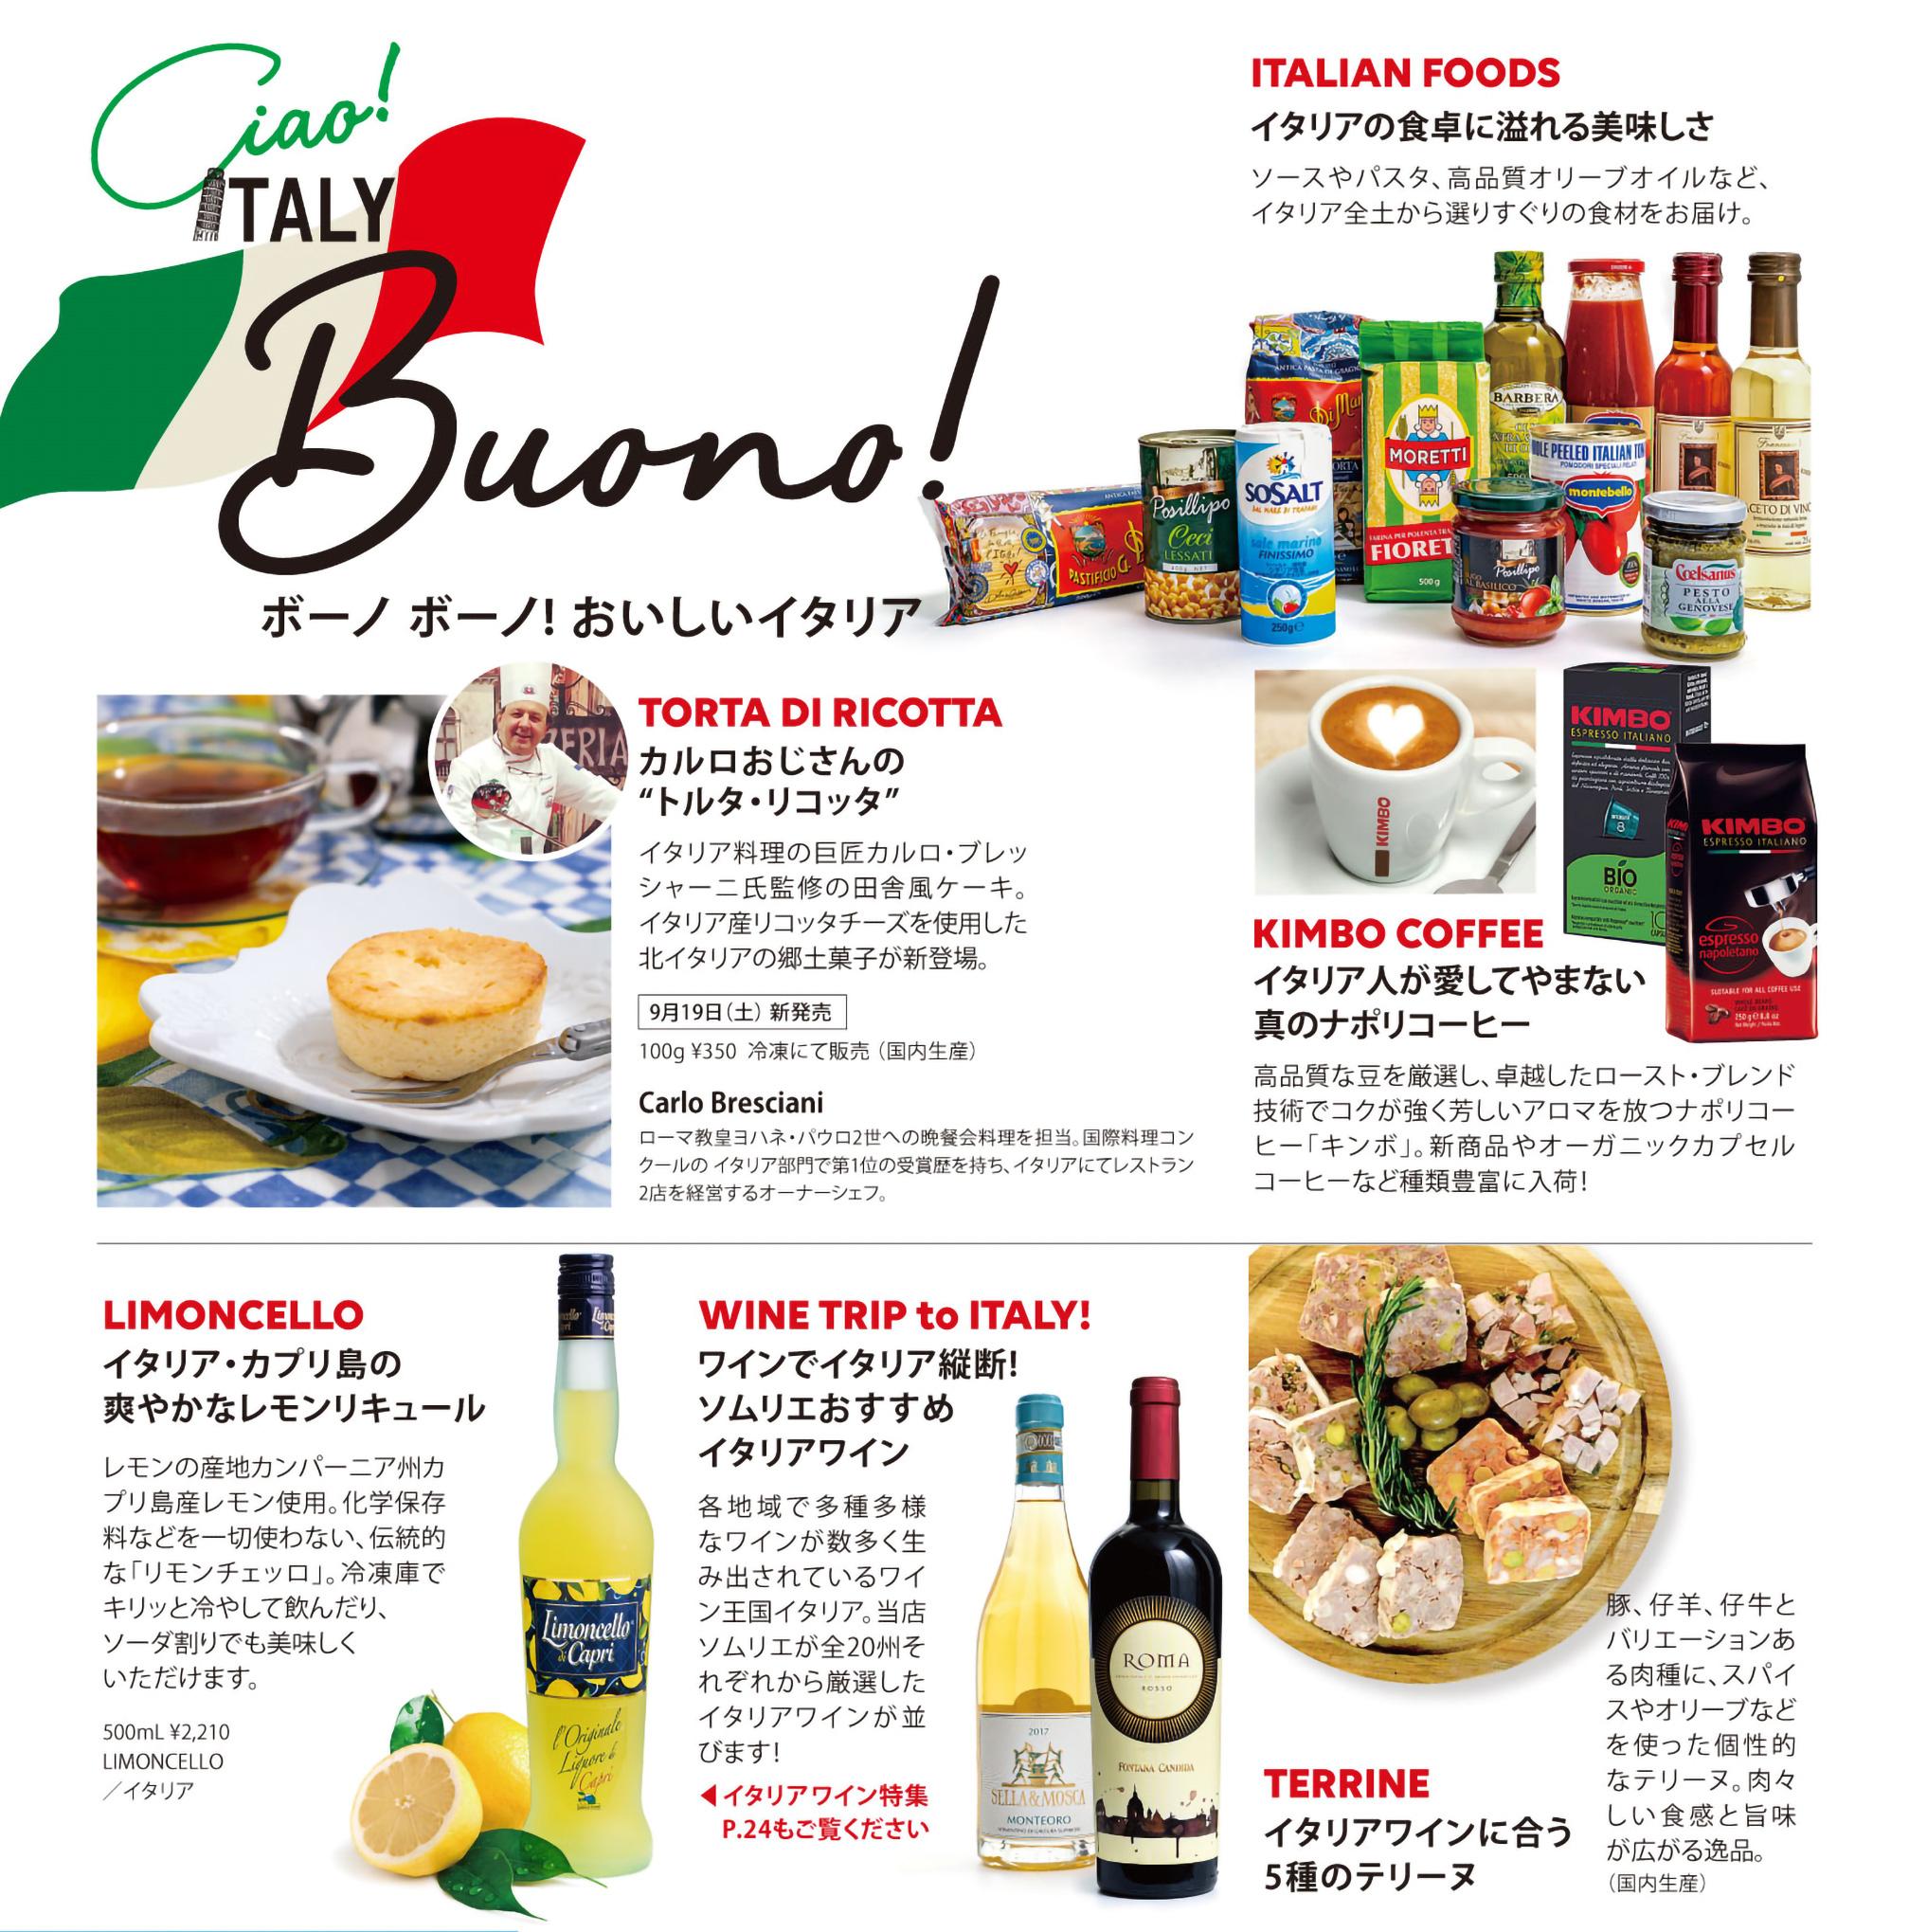 美味しいイタリア Buono! ITALY ロージャースFOOD MARKETで開催中!